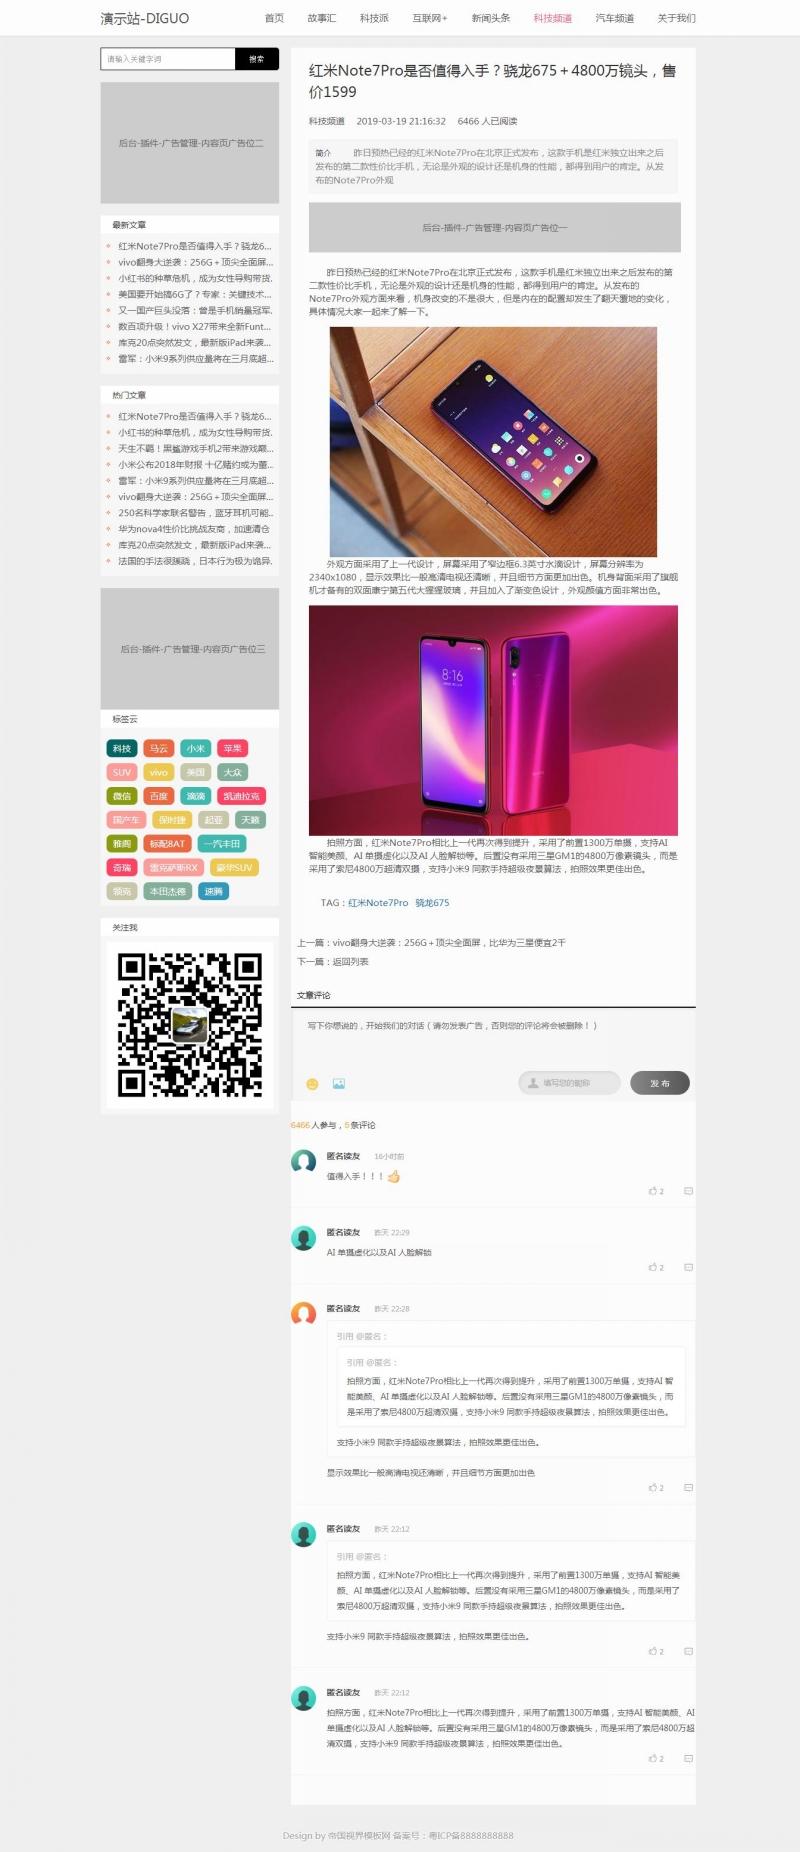 文章内容页.jpg [DG-026]帝国CMS模板精仿女性个人博客模板粉色简约自适应手机 博客文章 第3张